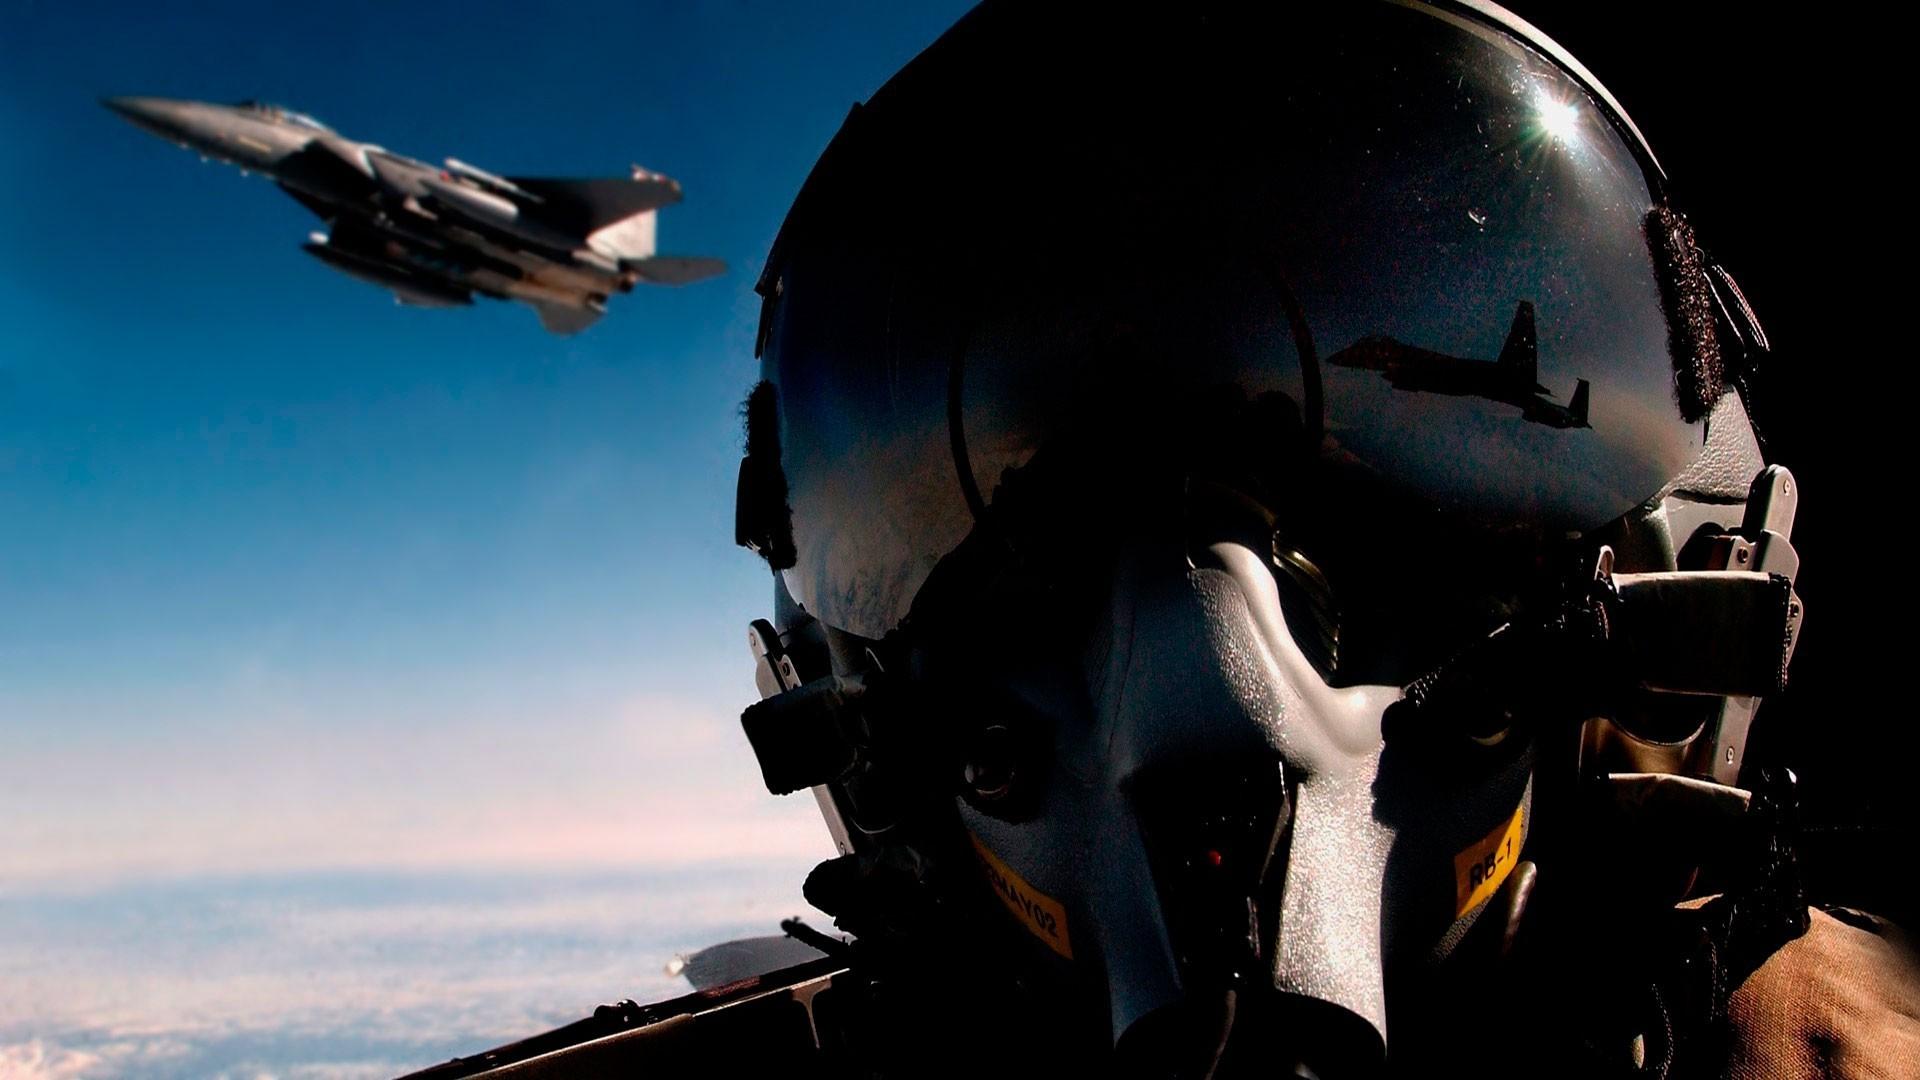 Обои истребитель, в небе, шлем. Авиация foto 13